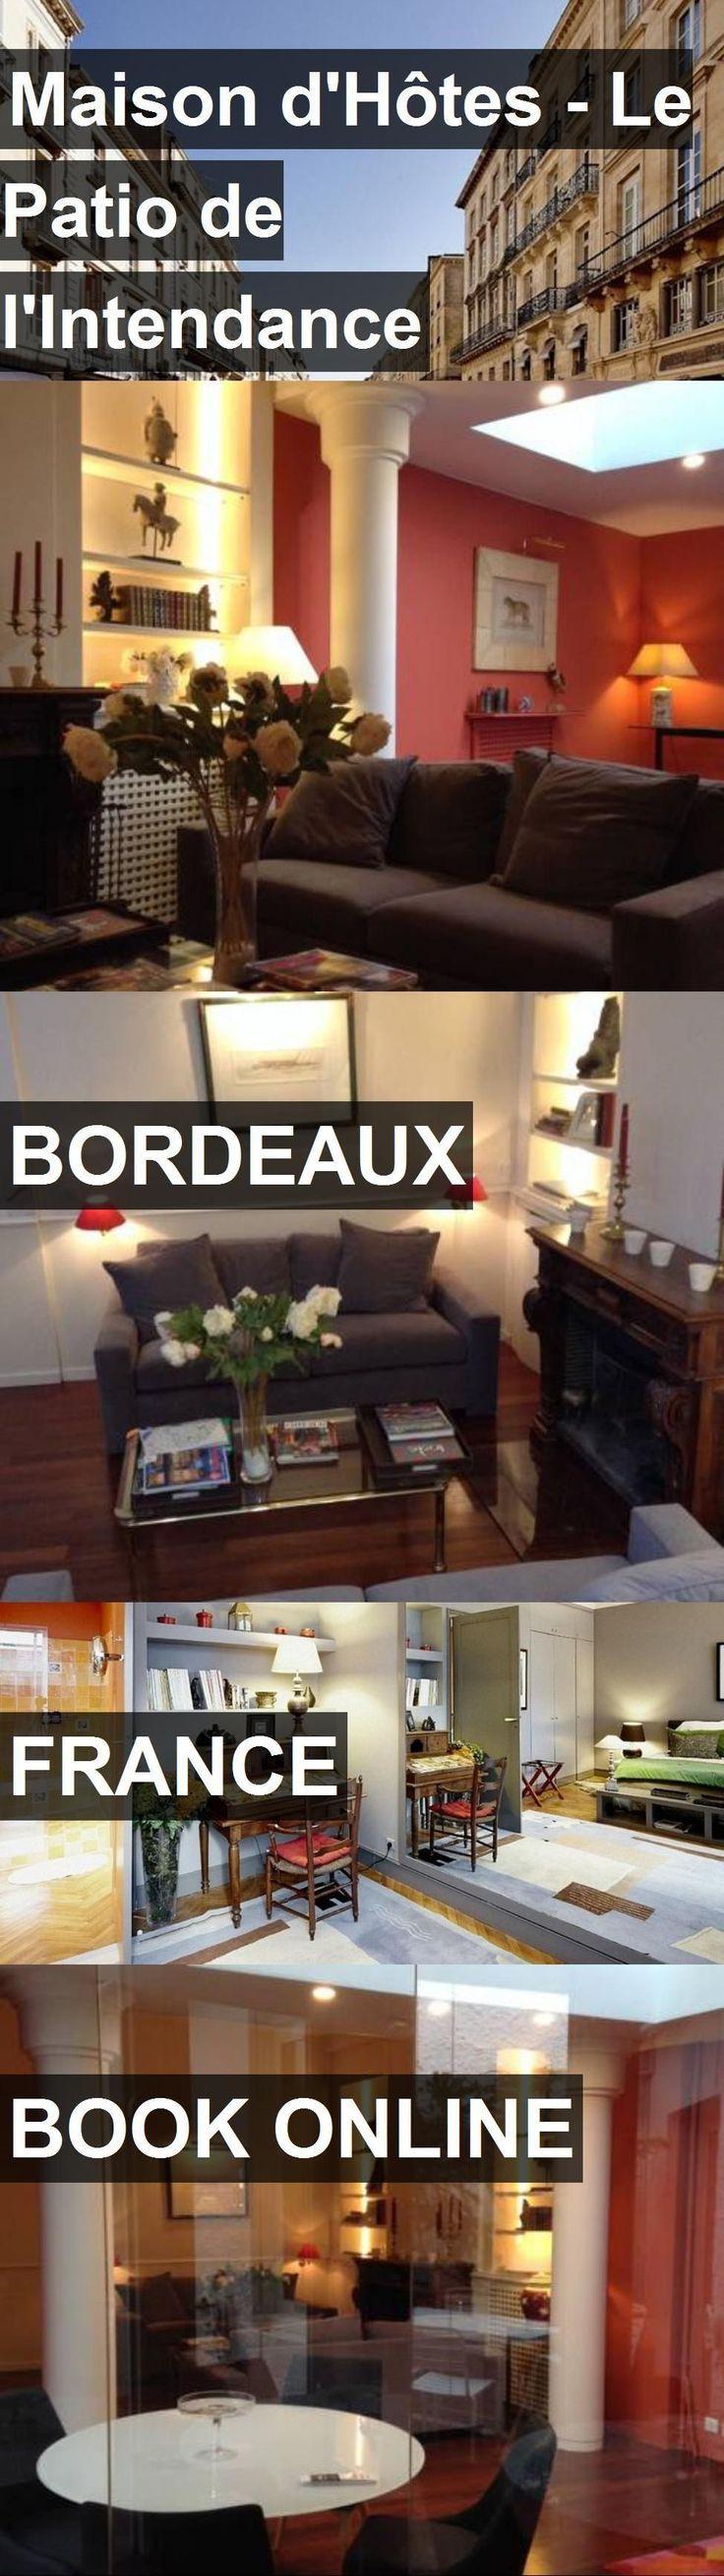 best Bordeaux images on Pinterest